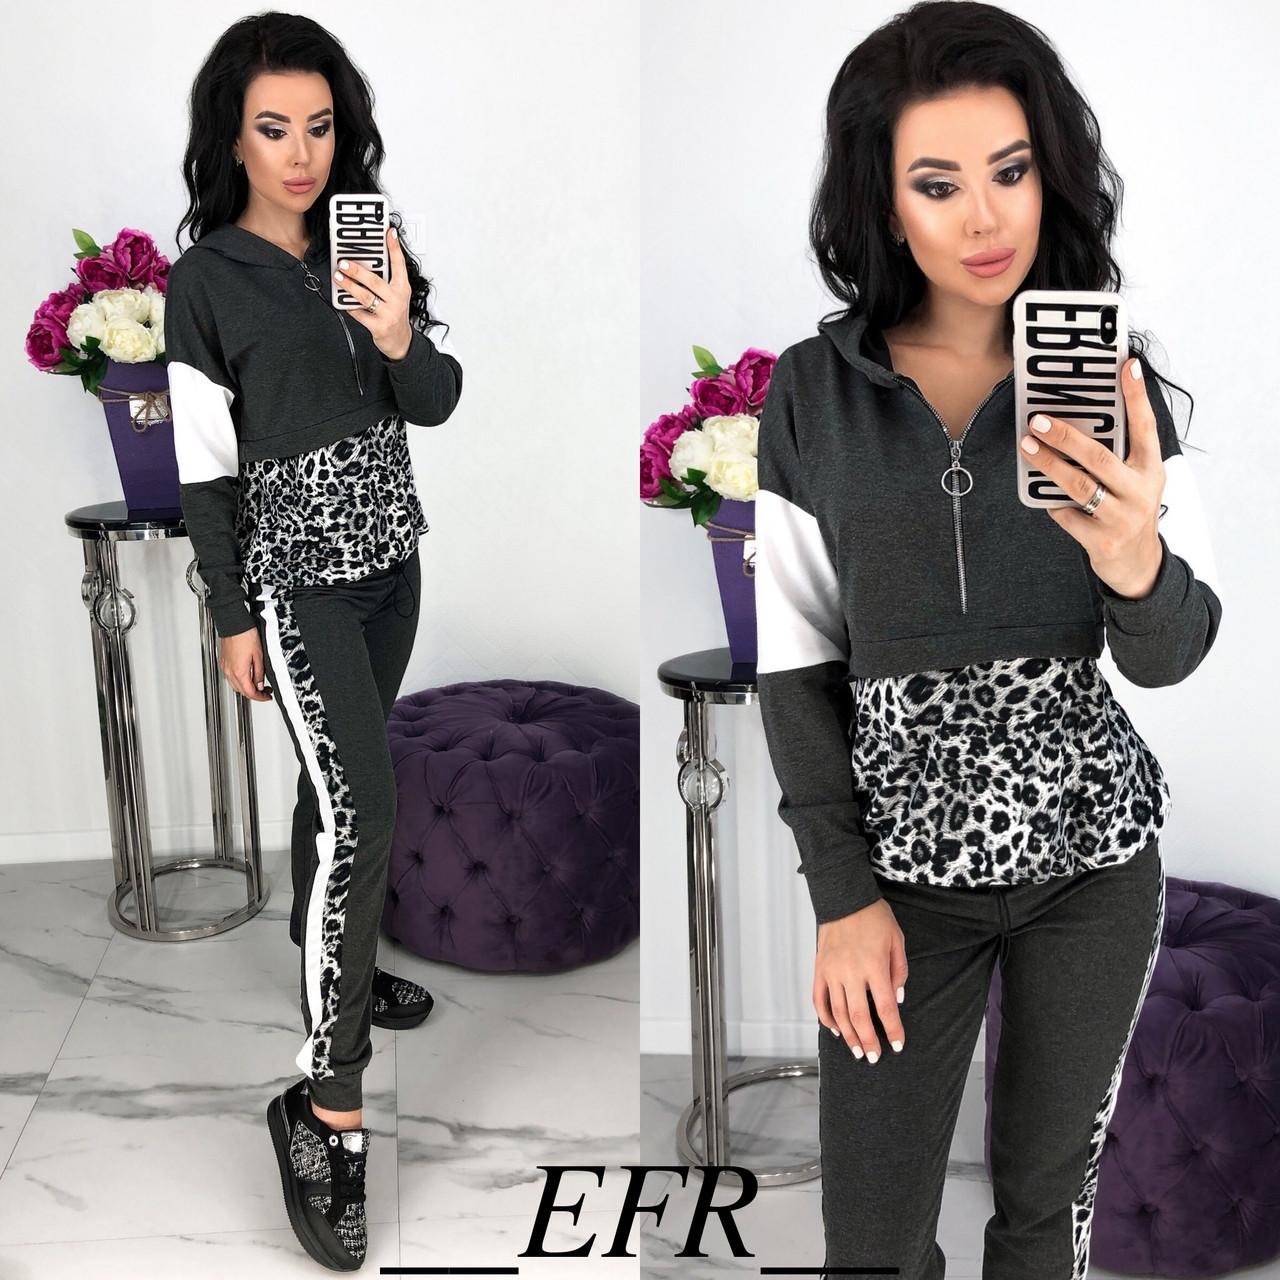 33140cb60f69 Спортивный костюм женский ZARA (4 цвета) - Черный с розовым ЕФ/-377